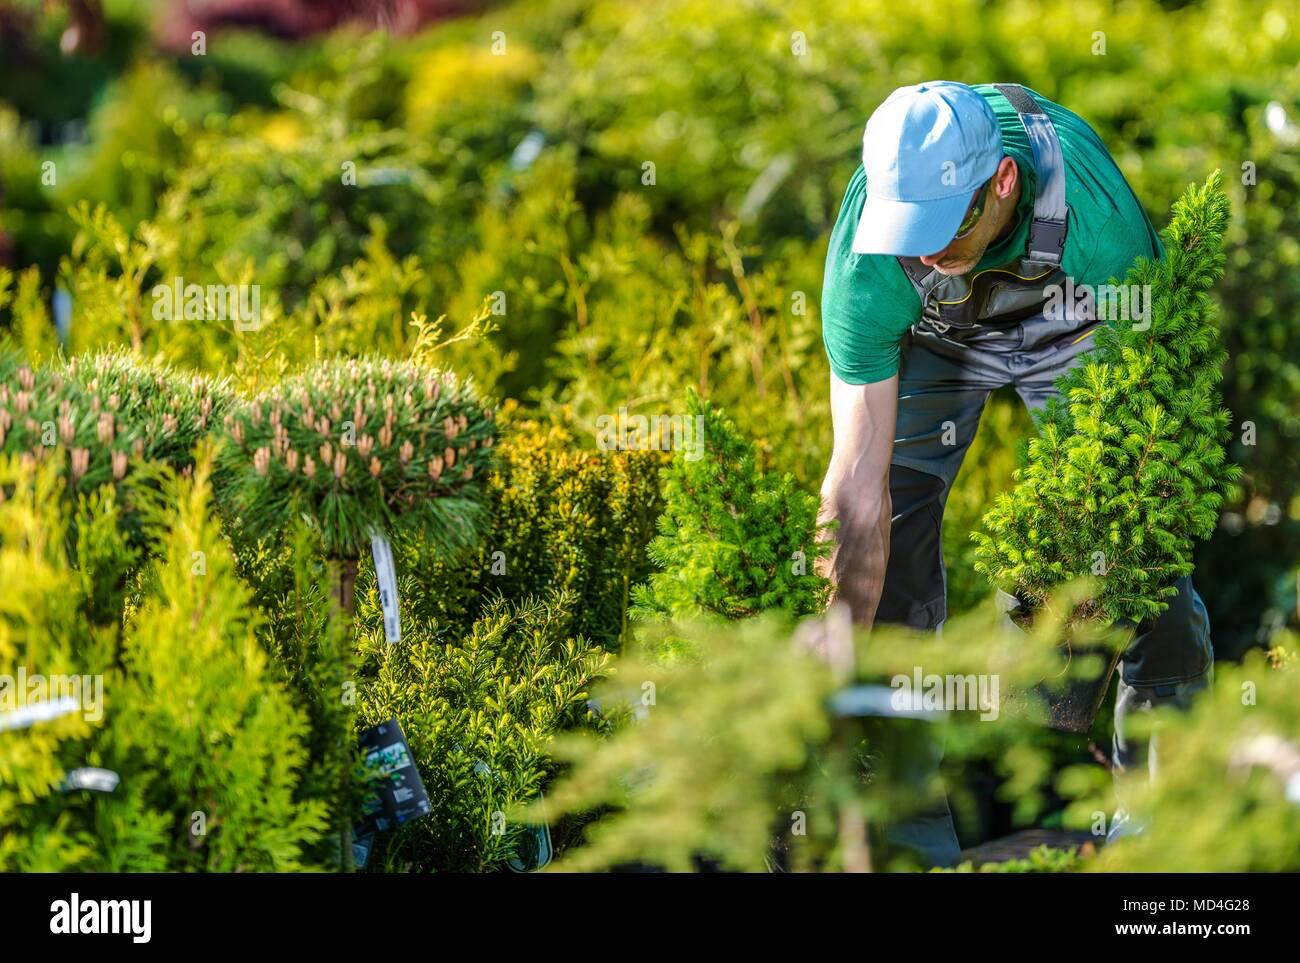 Caucasian Gardener Buying New Plants in His Favorite Garden Store. - Stock Image